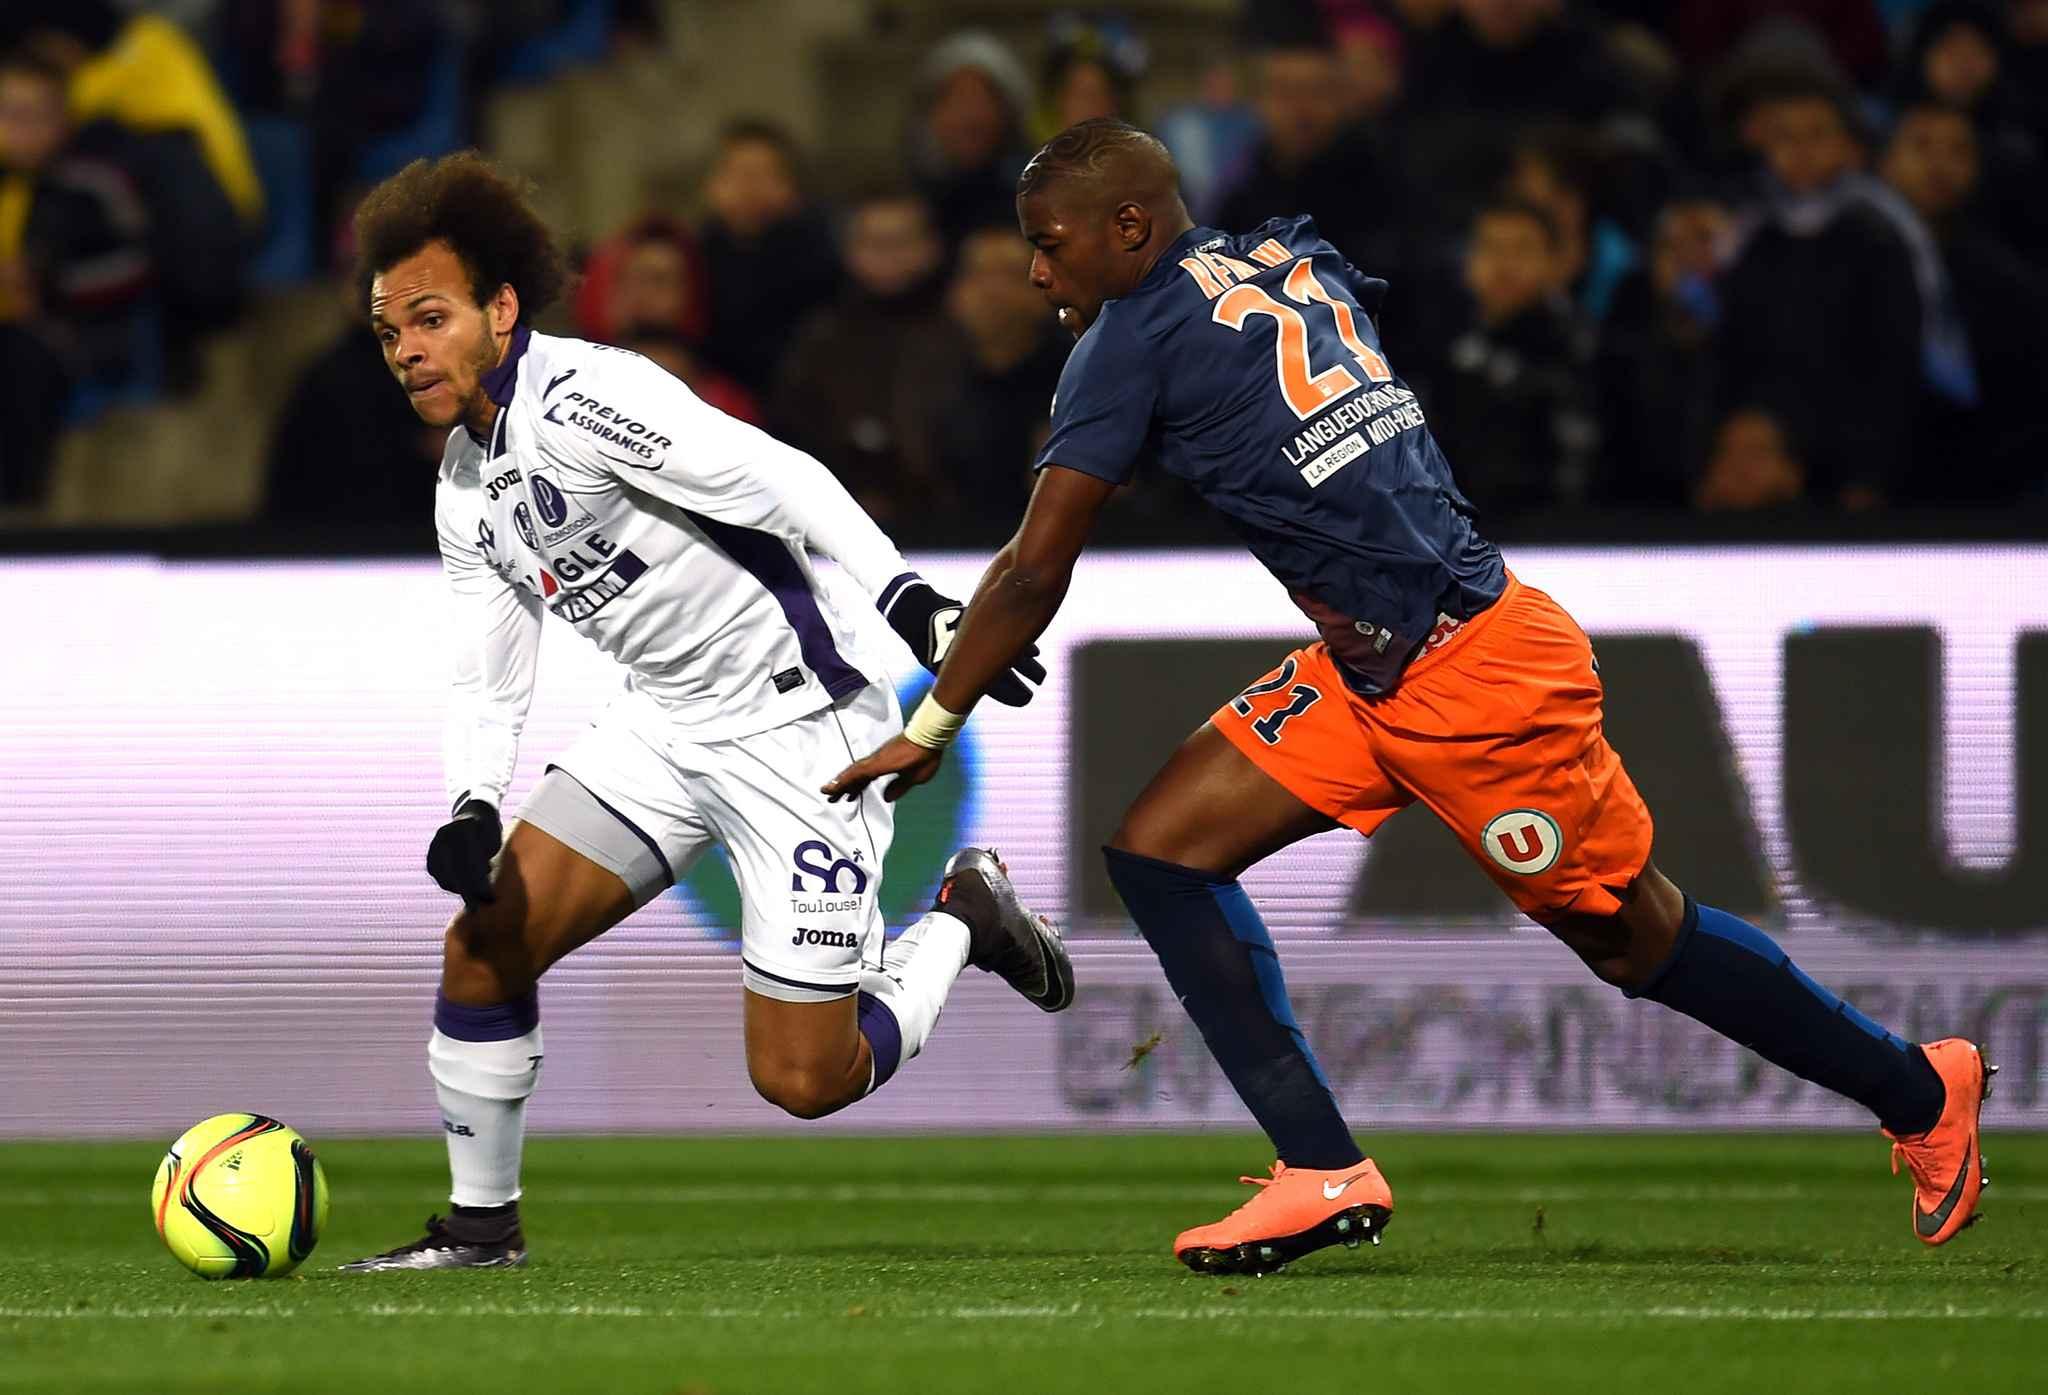 Montpellier v Toulouse